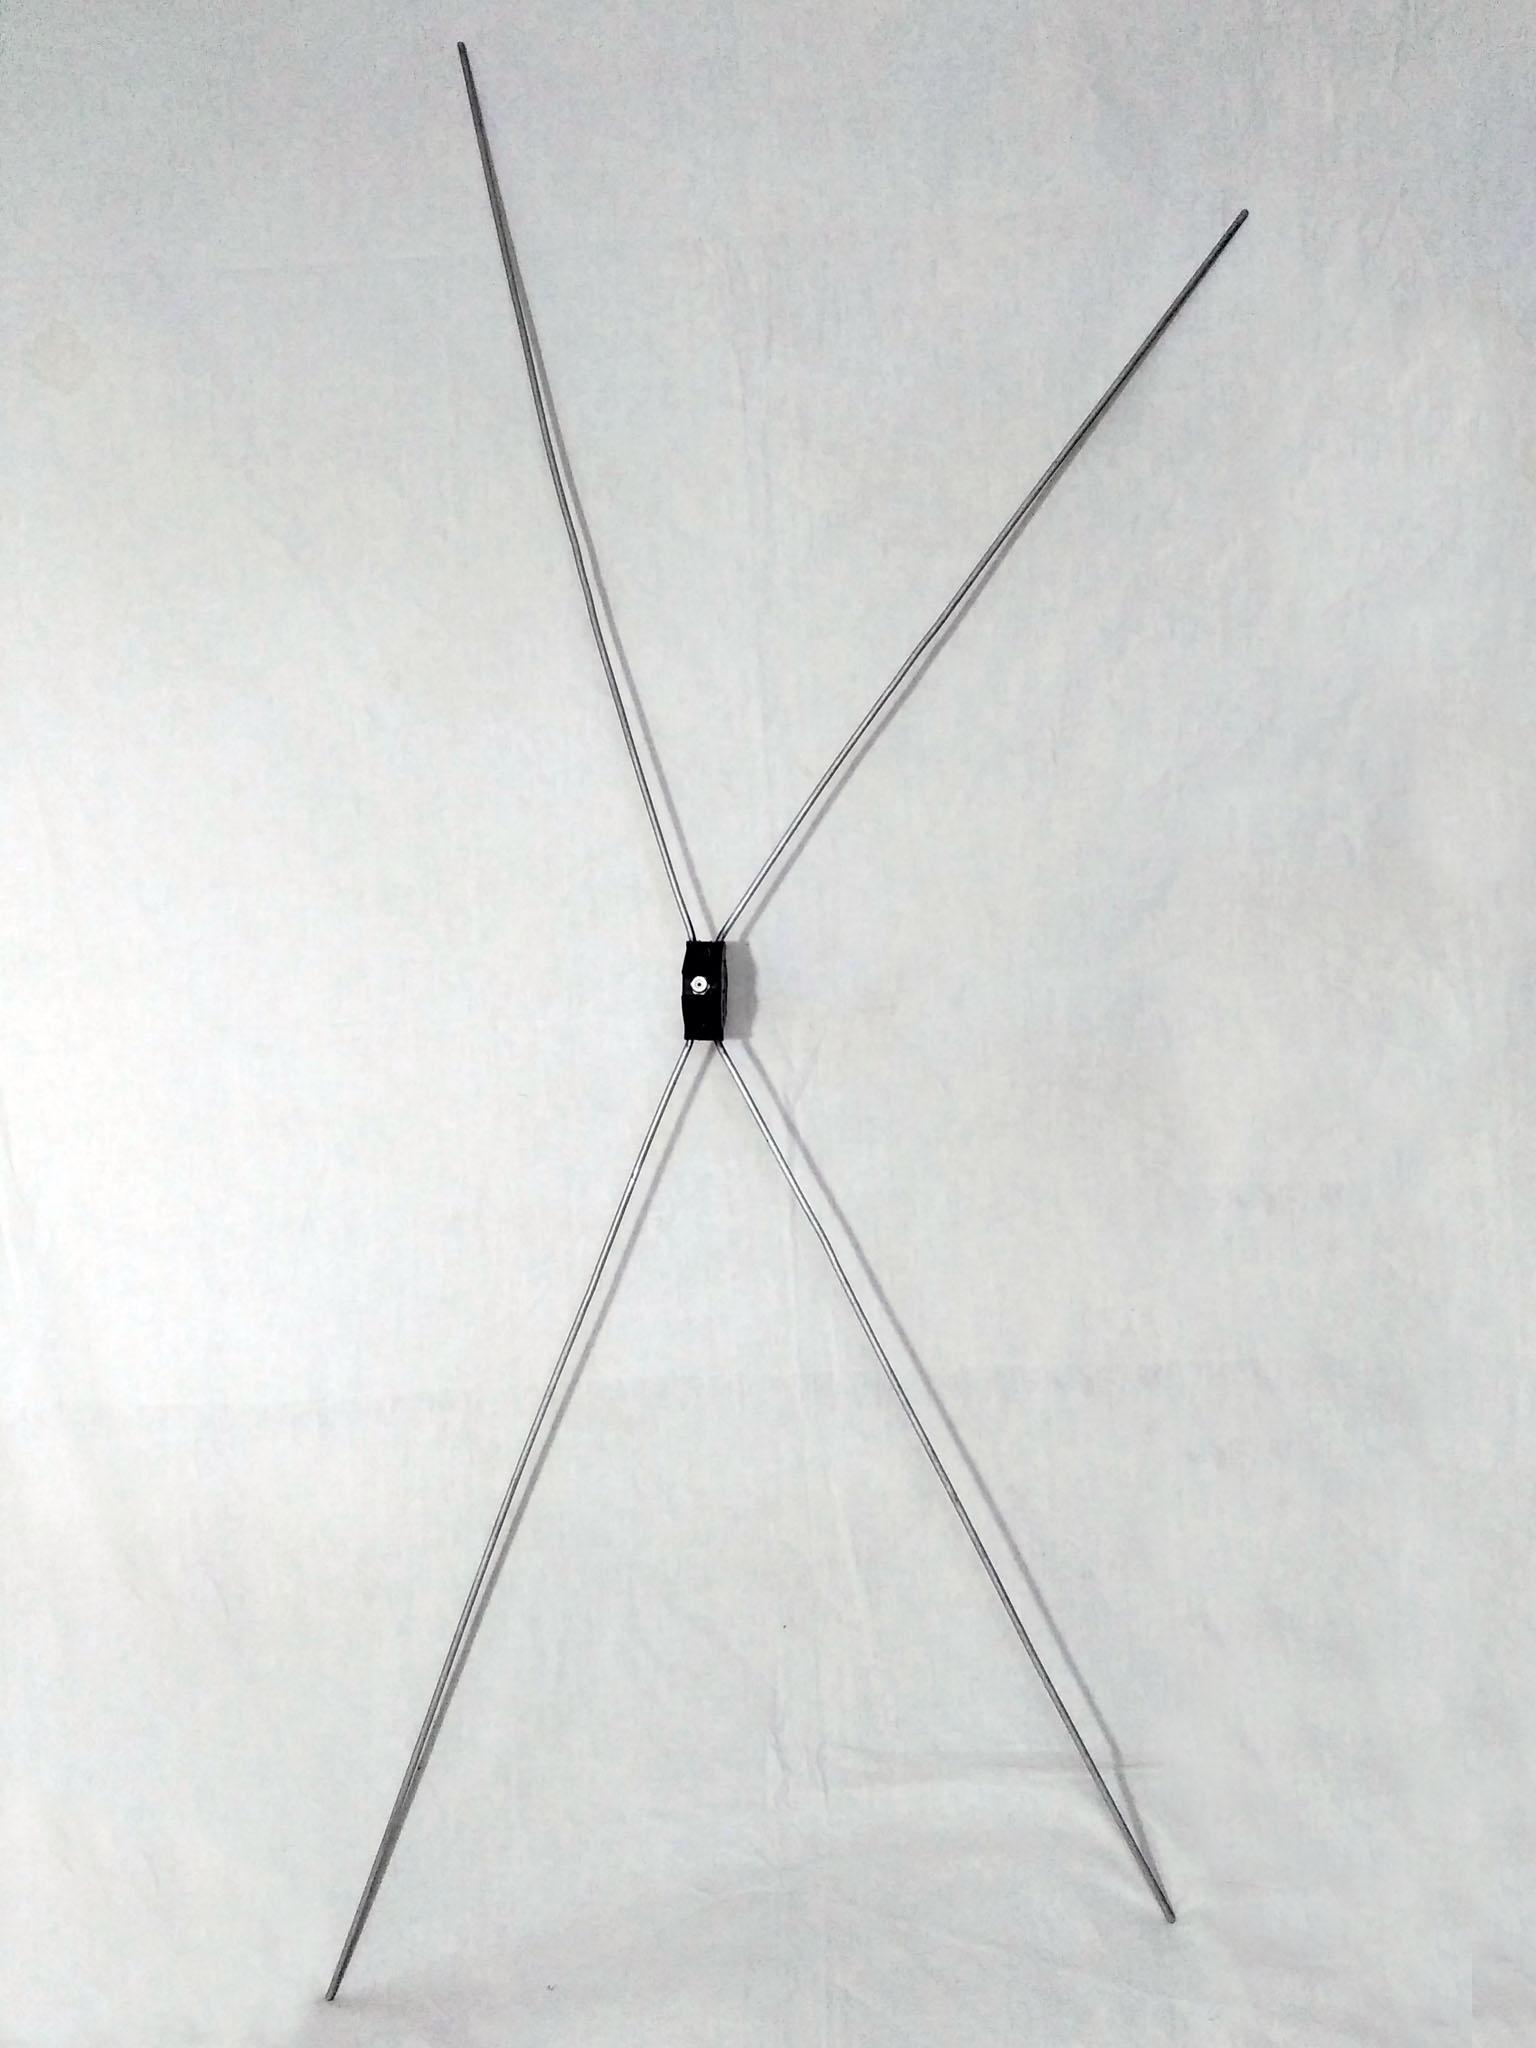 готовая антенна